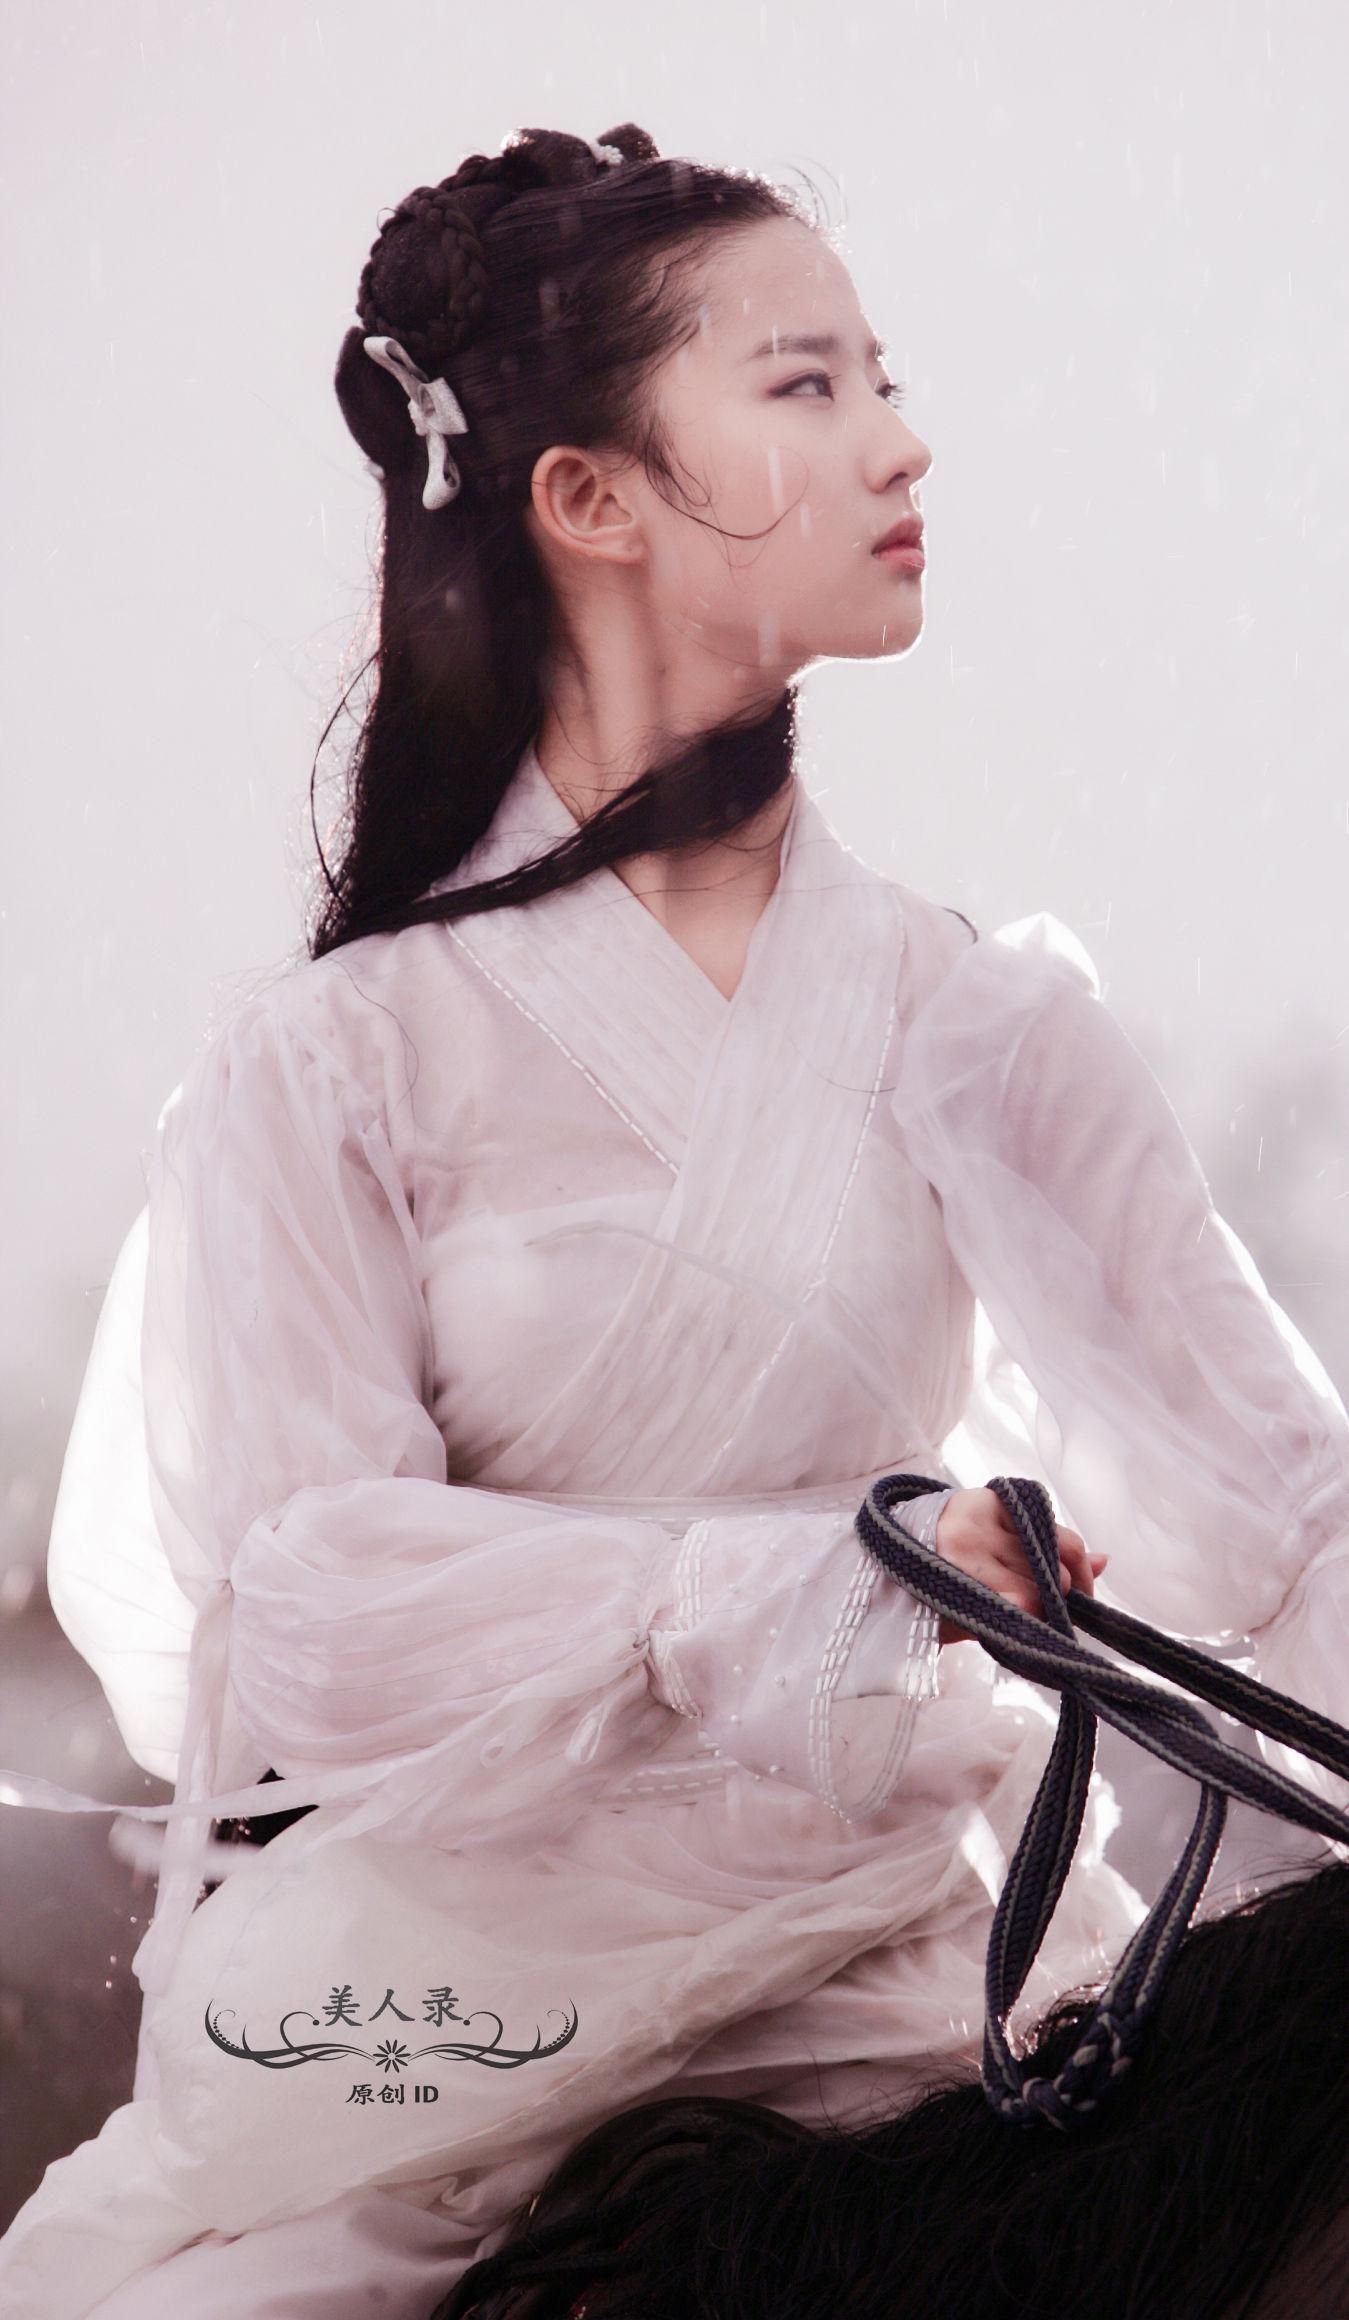 刘亦菲版小龙女骑马装,一身白衣胜雪,仙气十足